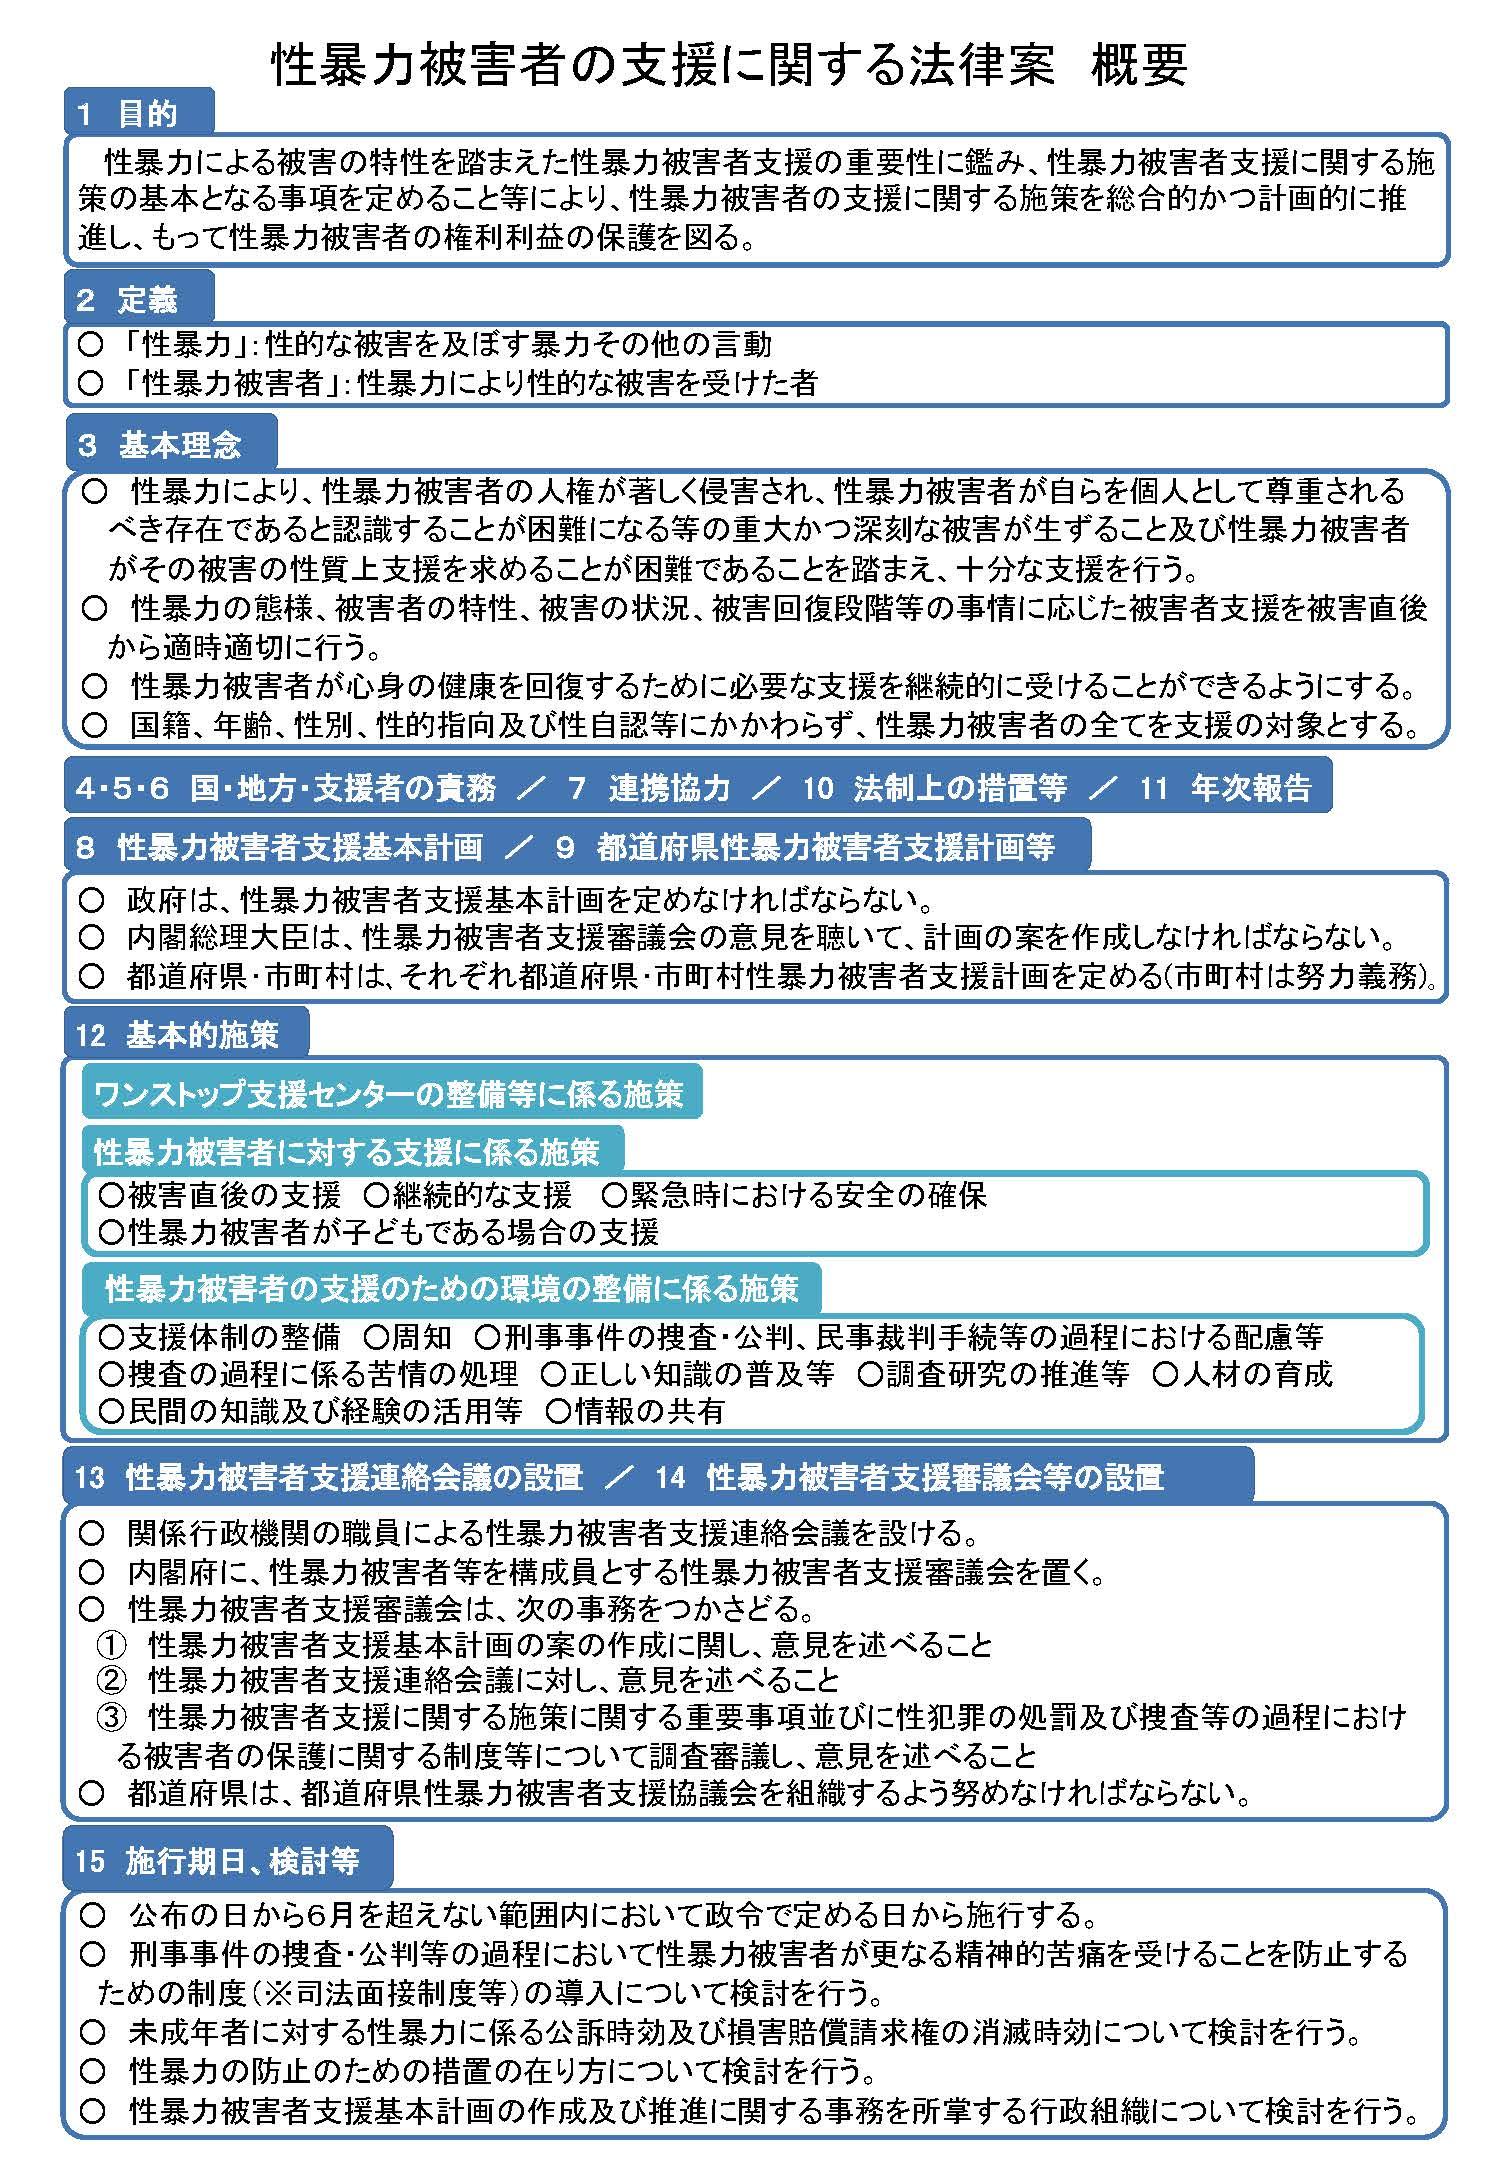 資料① 【概要】性暴力被害者支援法案 .jpg